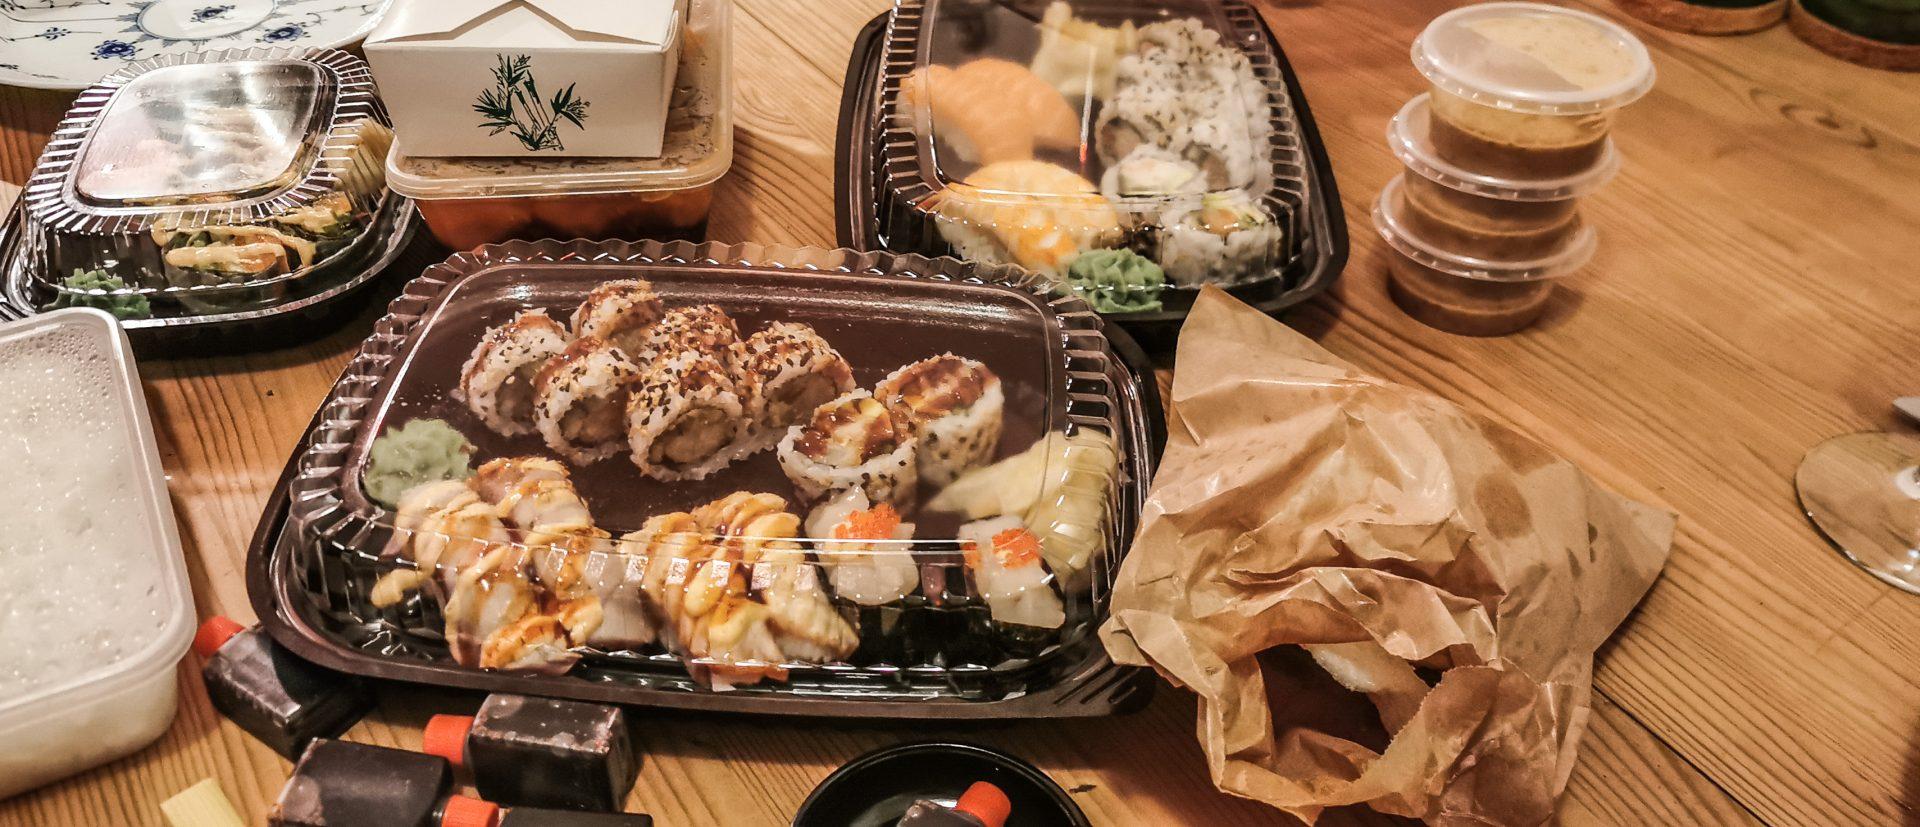 Anmeldelse af Yami Sushi: Her laver de bedre wokretter end sushi - sådan er det!